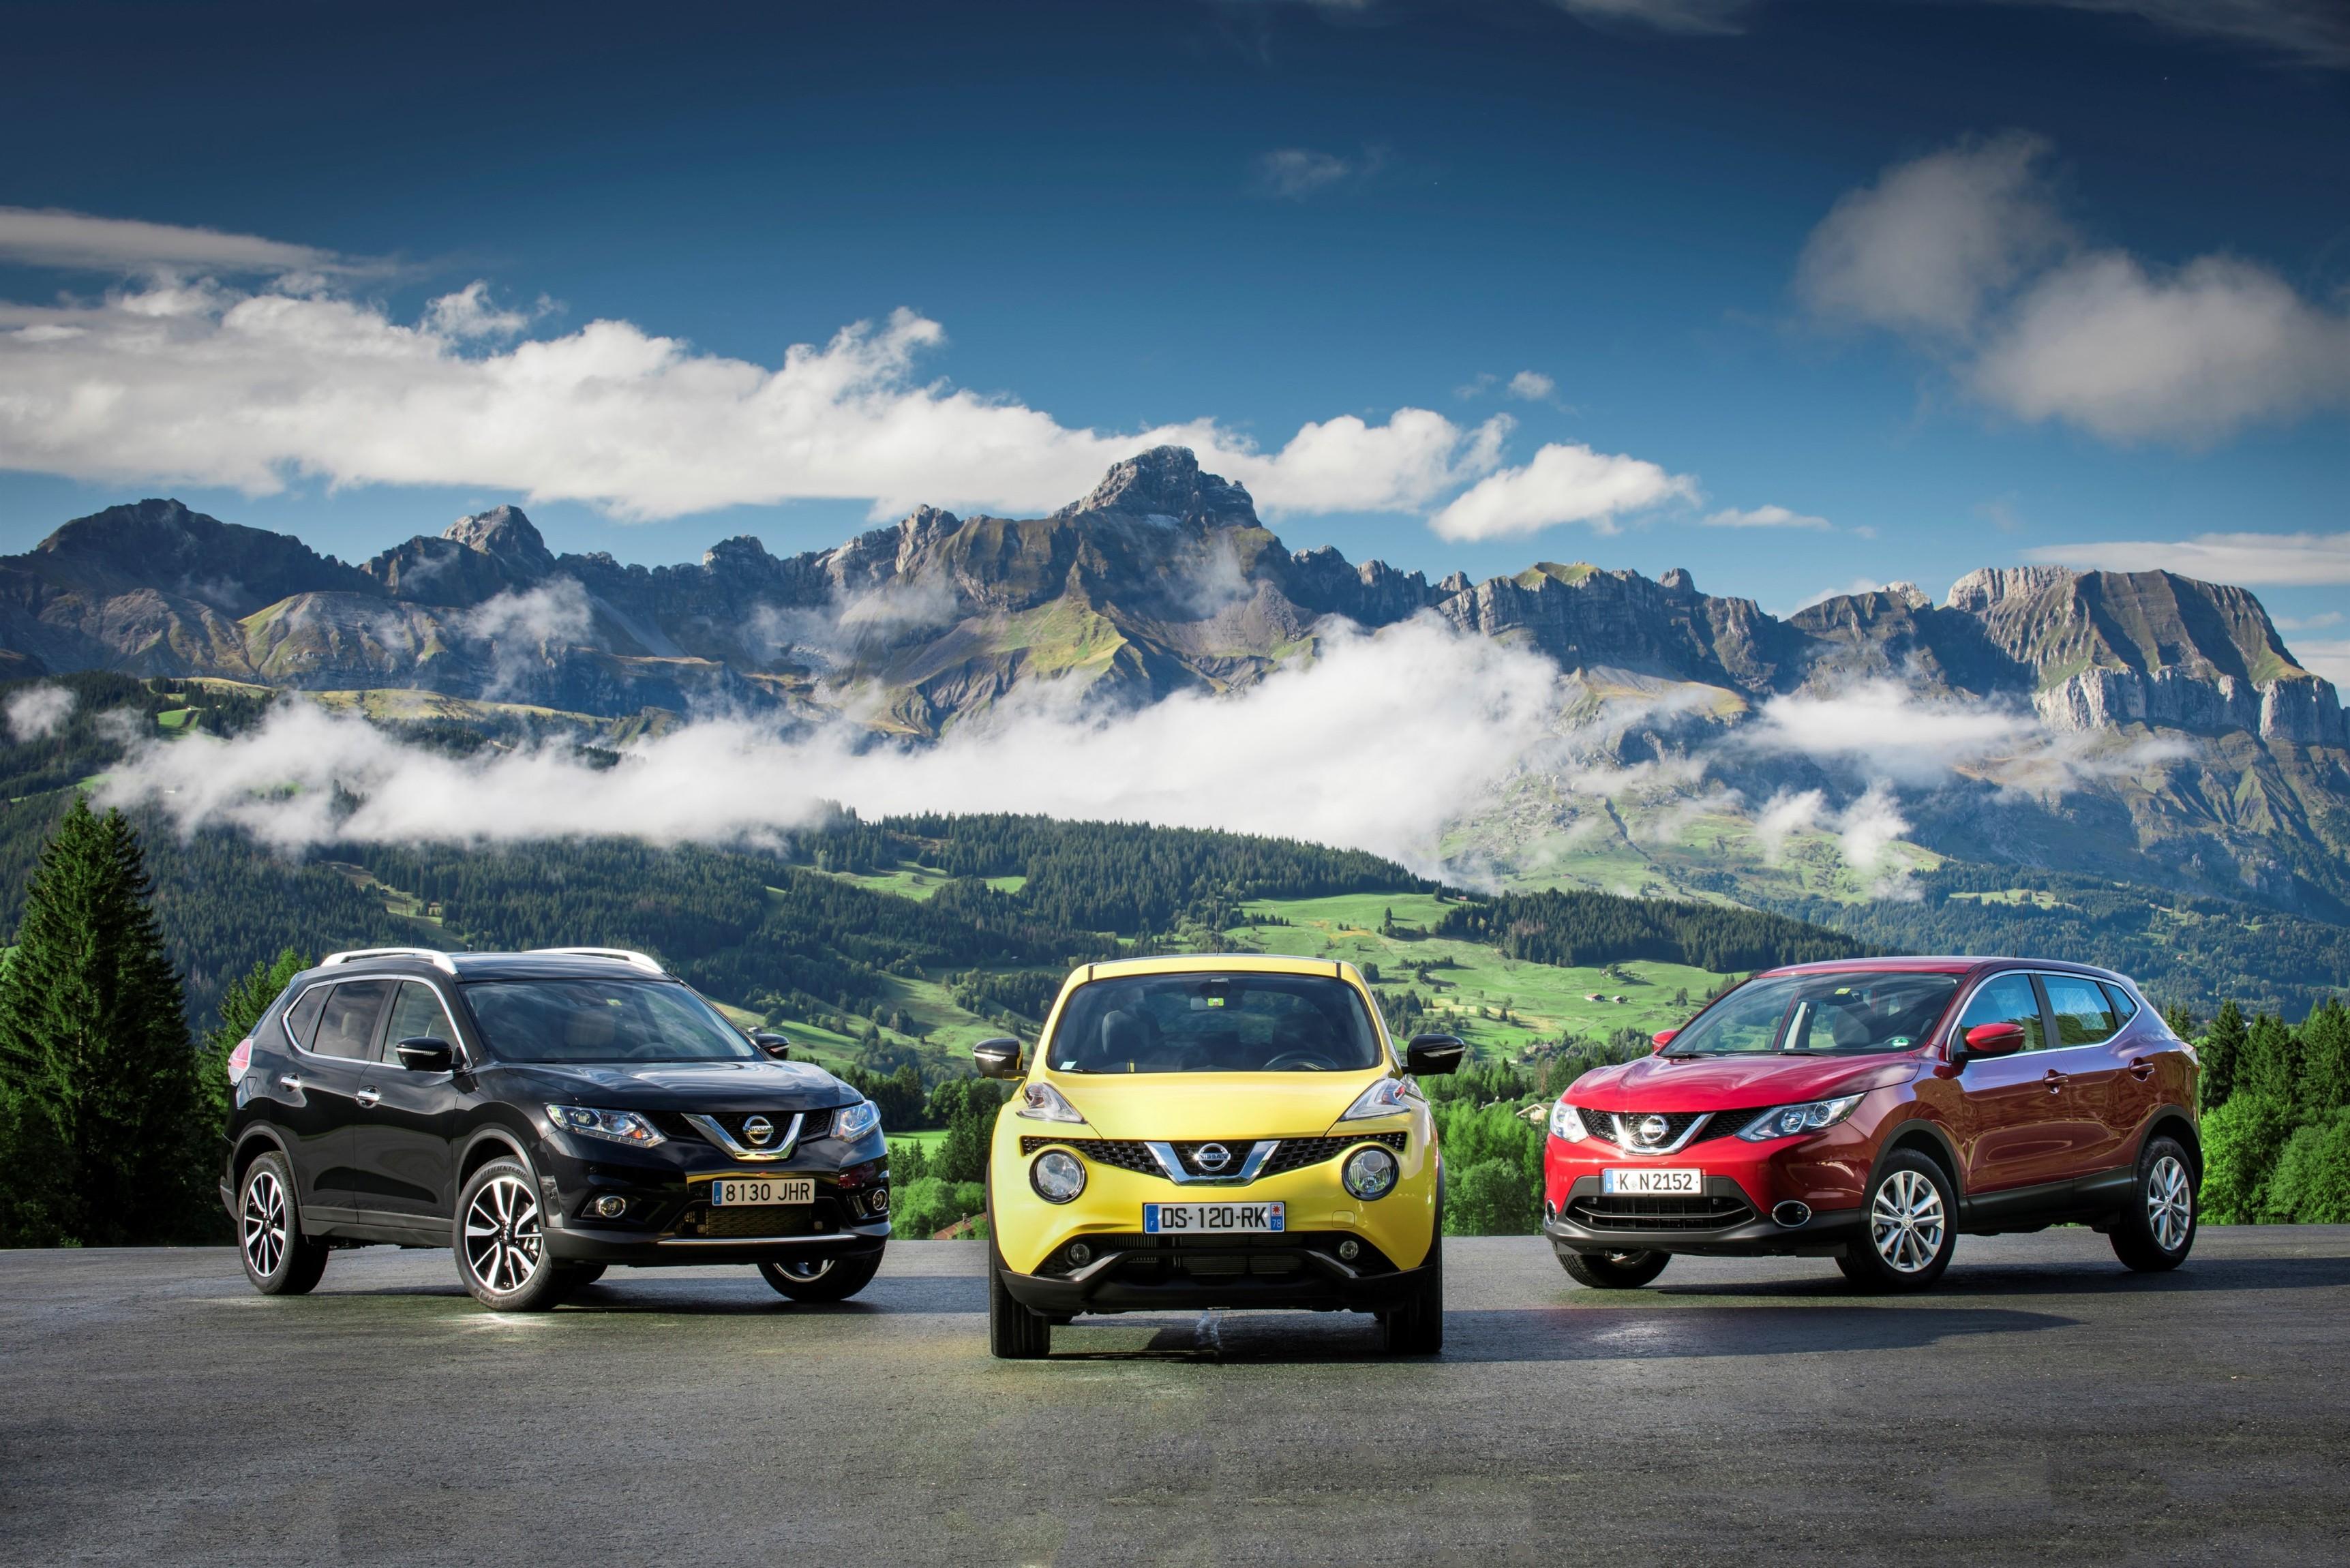 Nissan, Mayısta 2016 ve 2017 Modellerini Yüzde 0 Faiz Oranı İle Satıyor